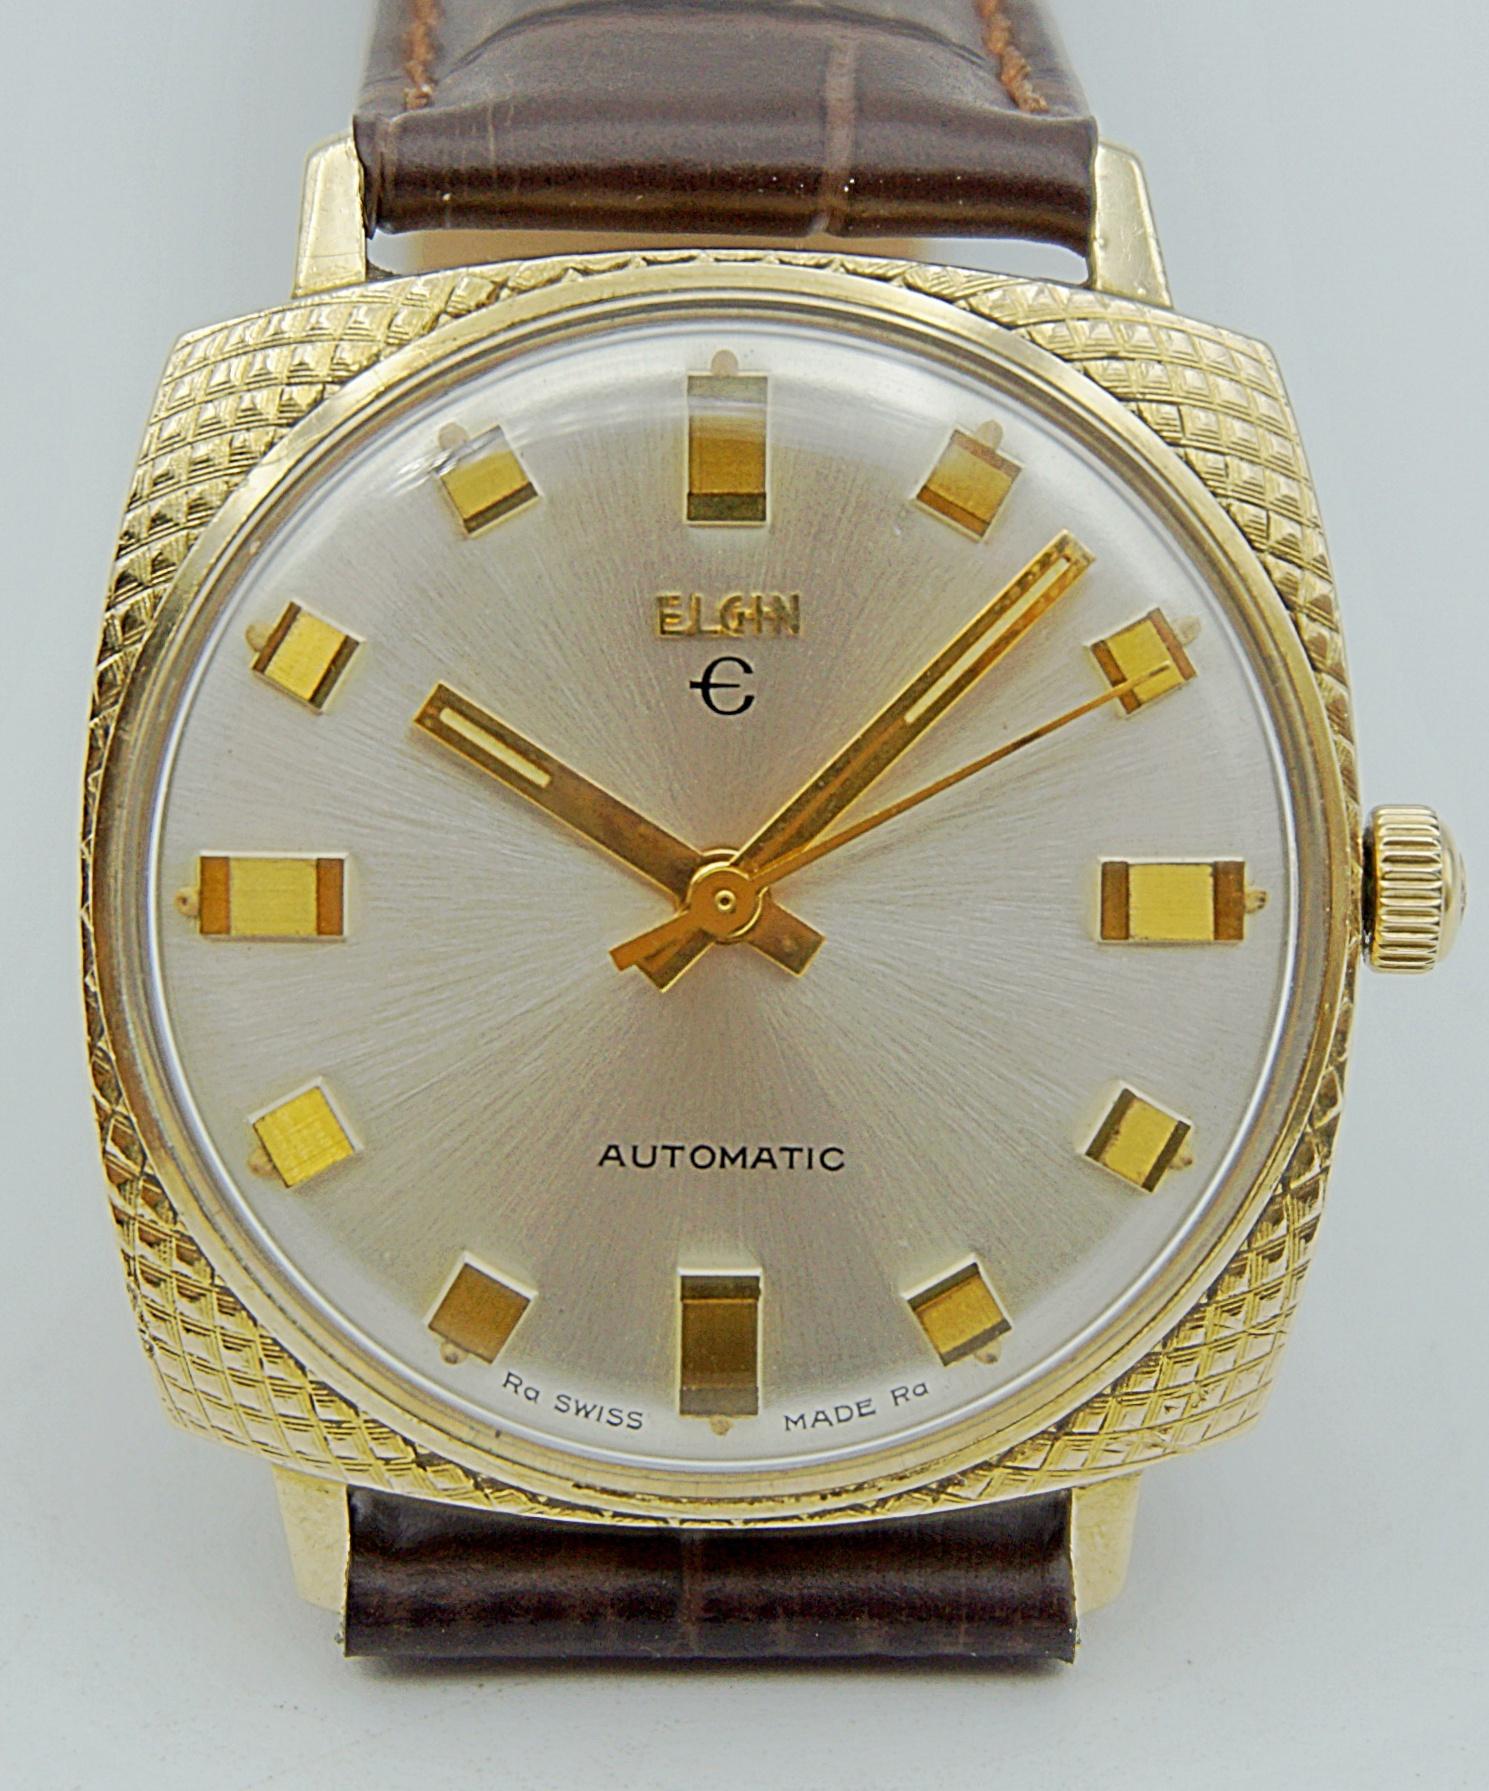 นาฬิกาเก่า ELGIN ออโตเมติก